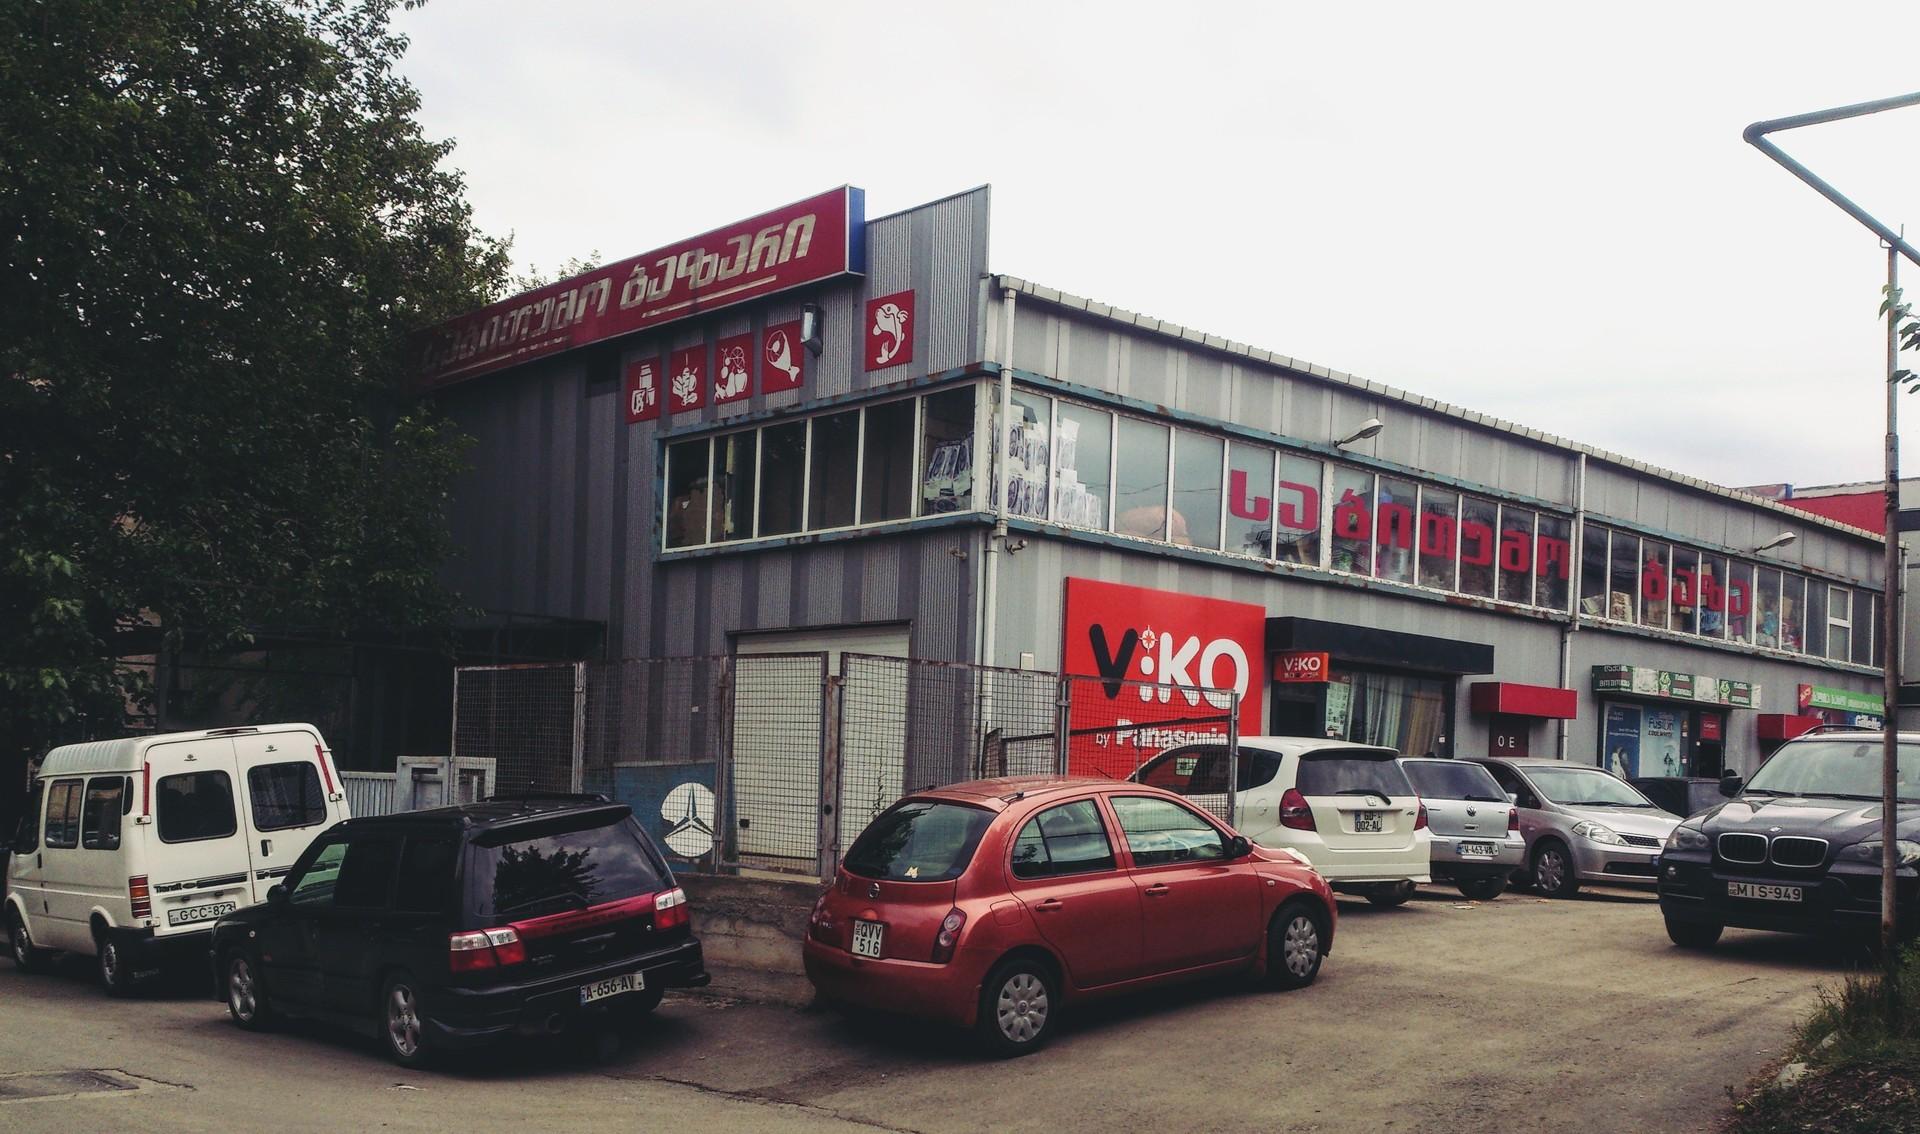 Expérience de shopping à Tbilissi